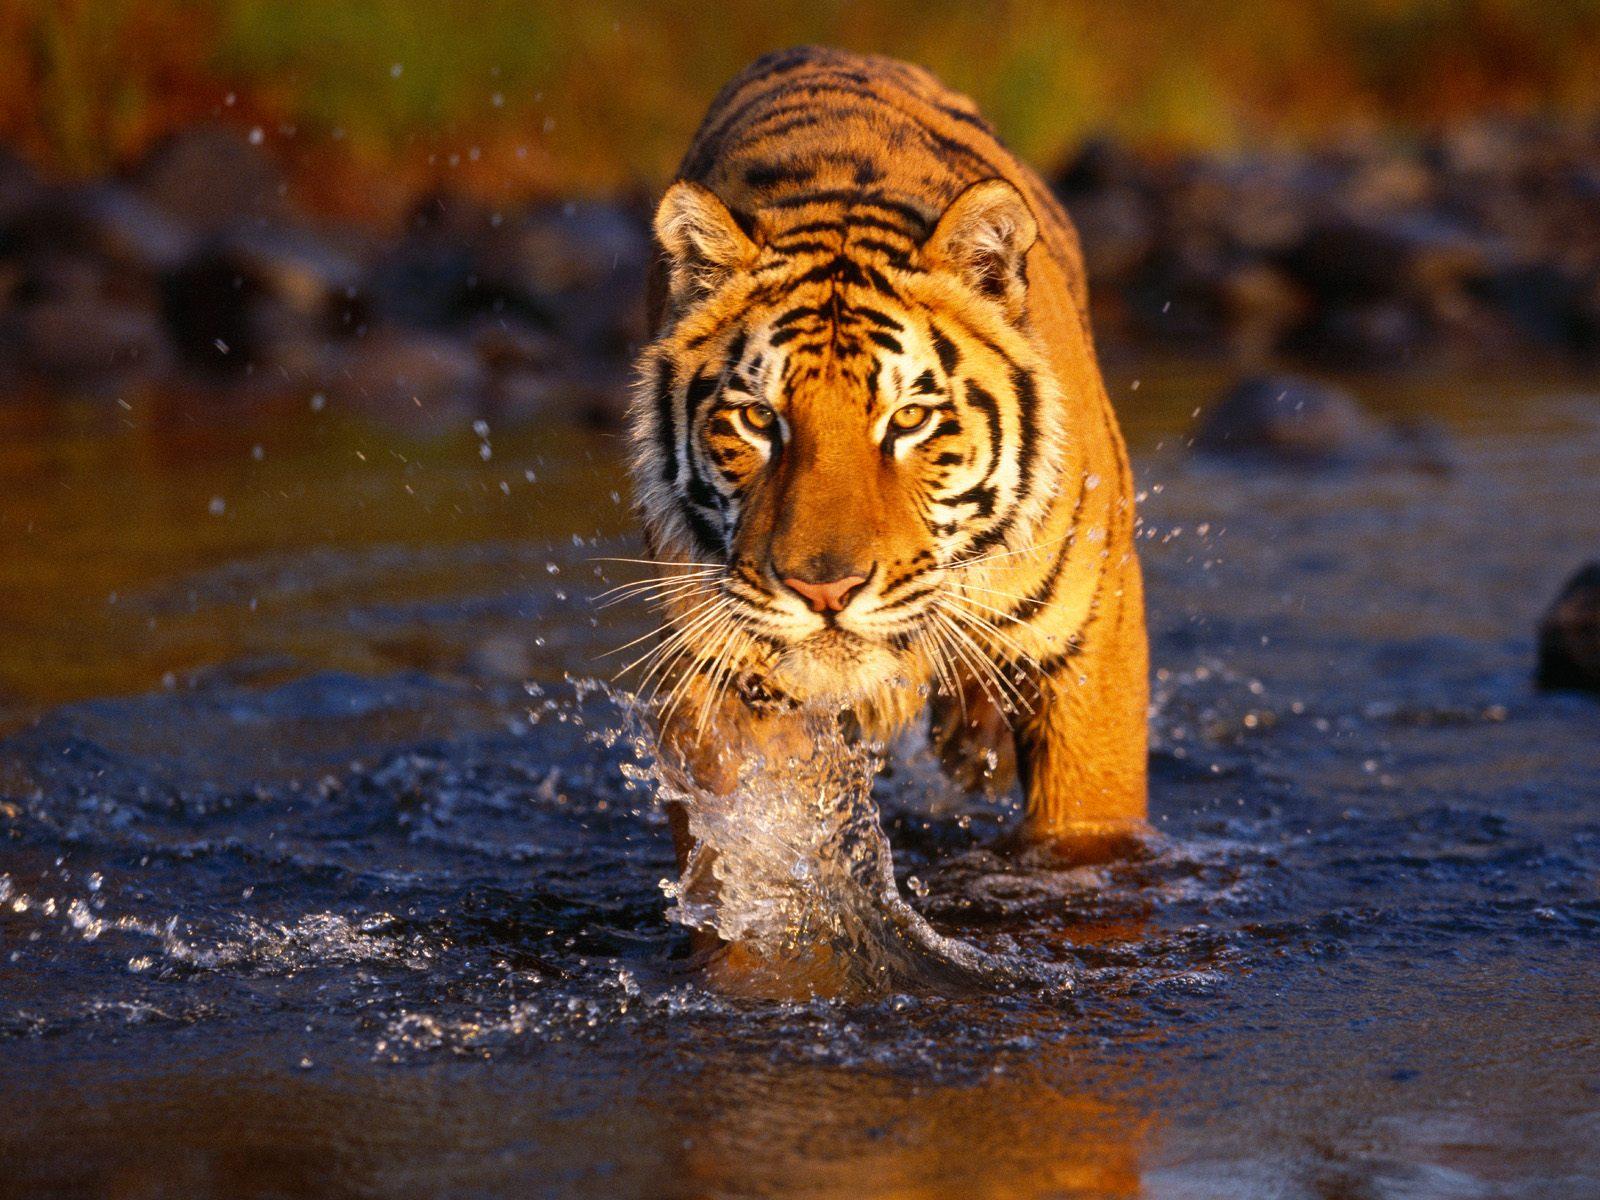 Wallpaper Hd Tiger